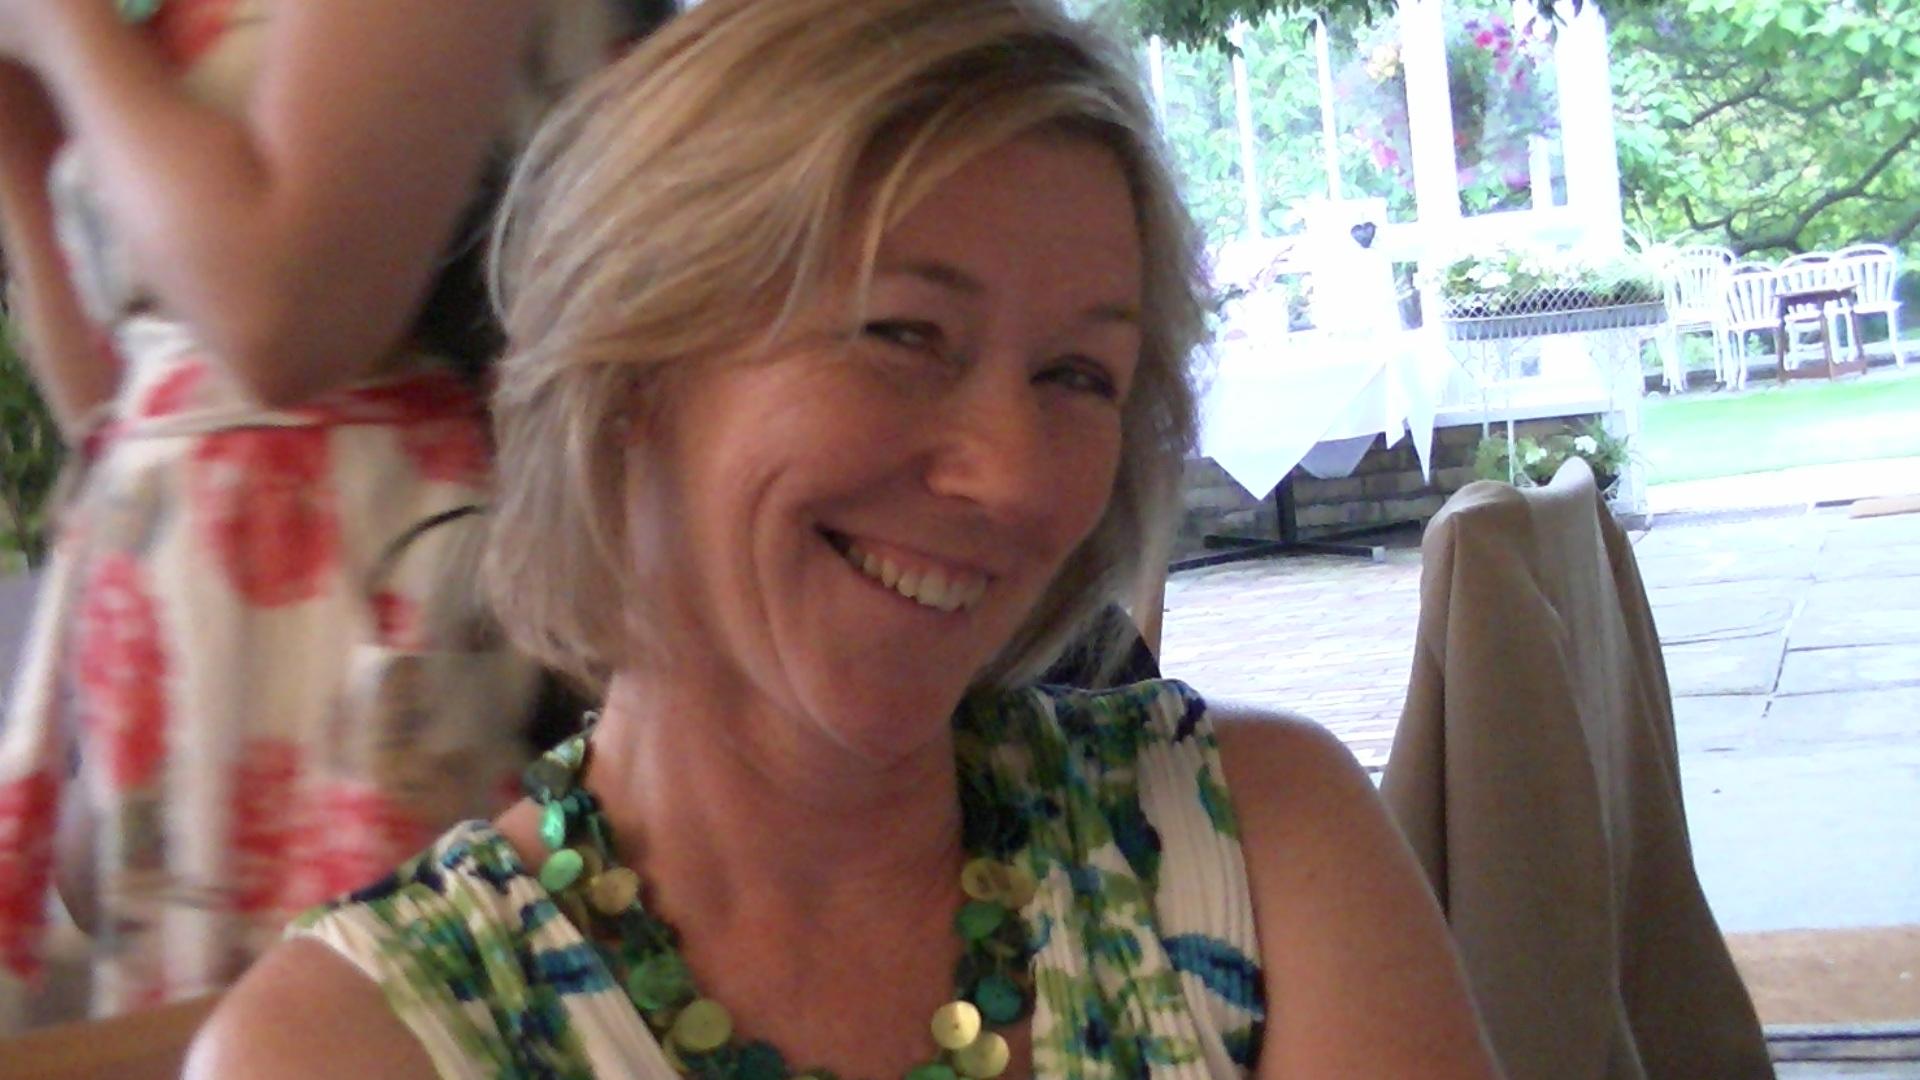 Ms. Lindsay Tutor